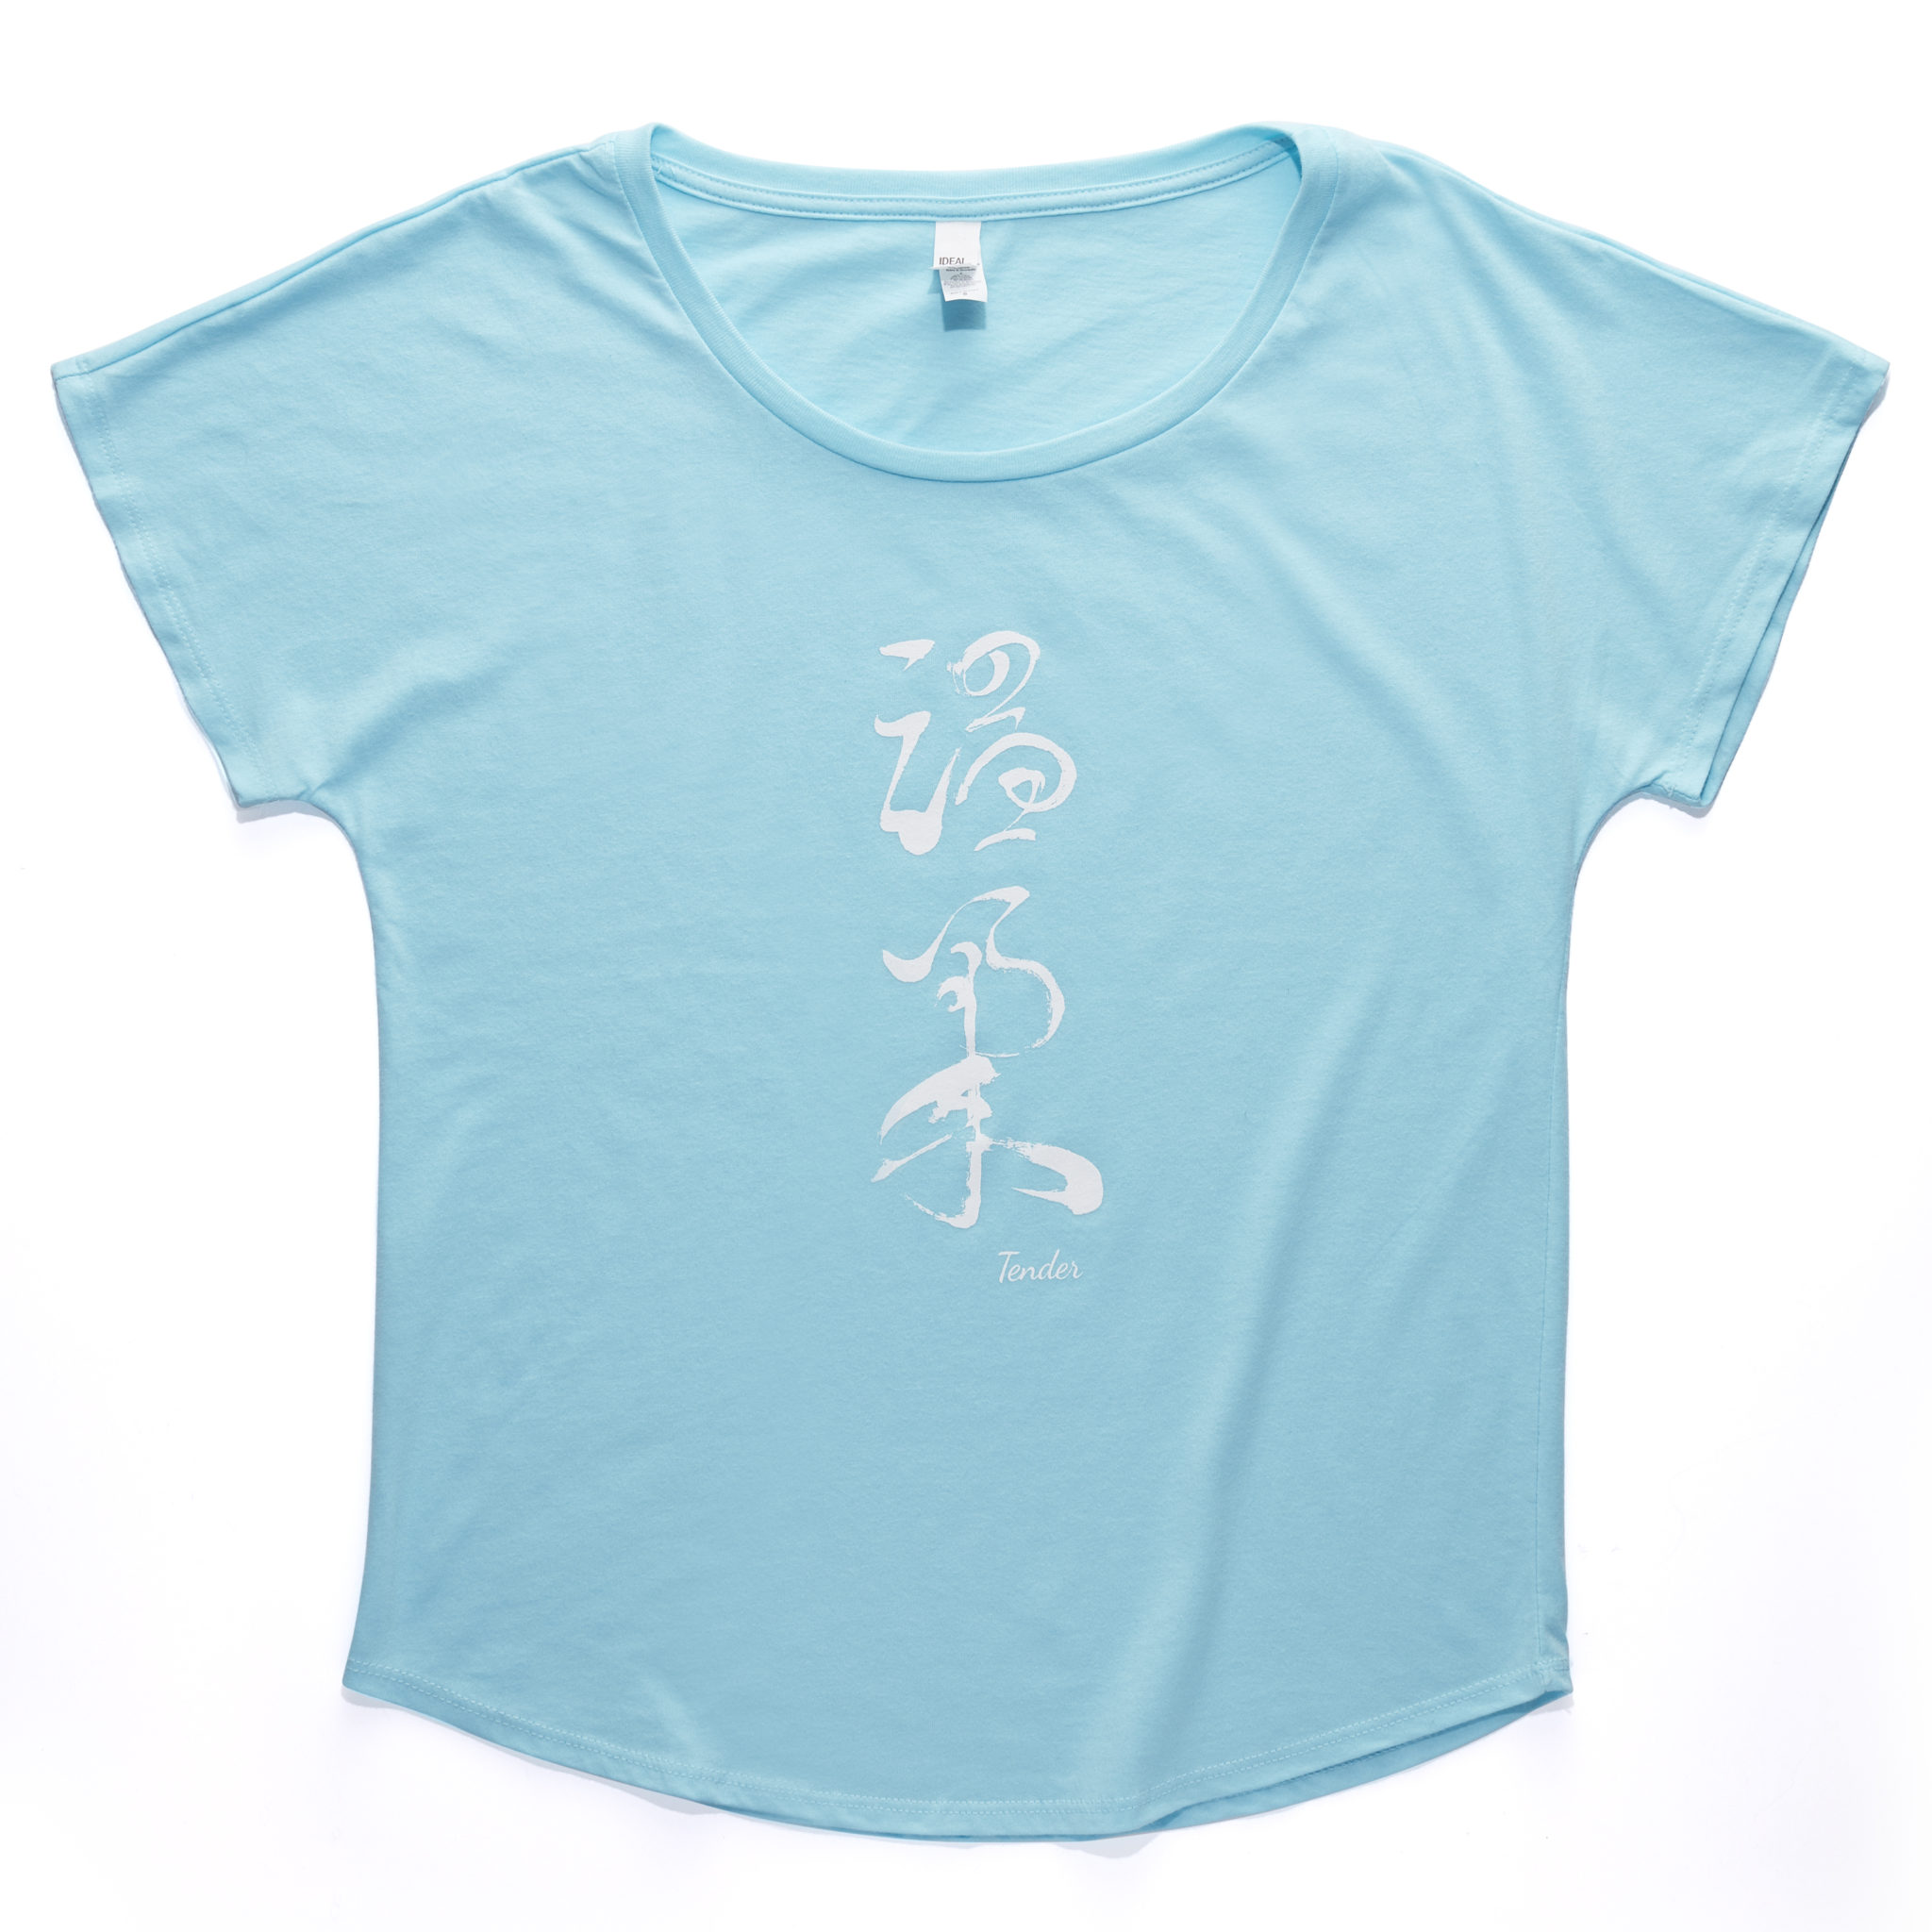 Tshirt-Tender-Blue